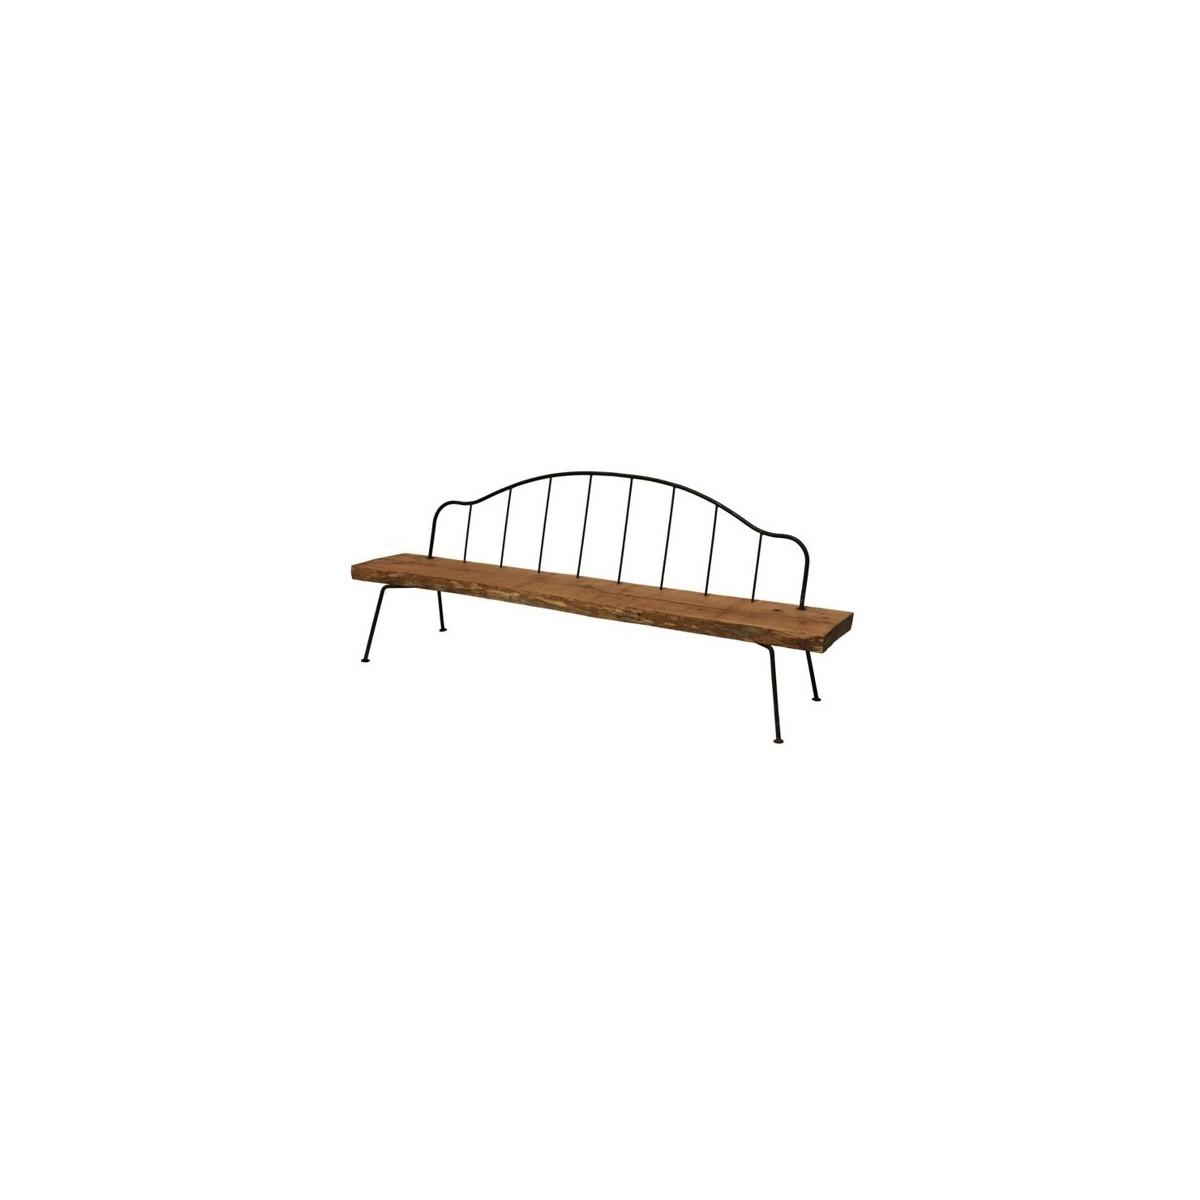 achat banc de jardin conceptions de maison. Black Bedroom Furniture Sets. Home Design Ideas